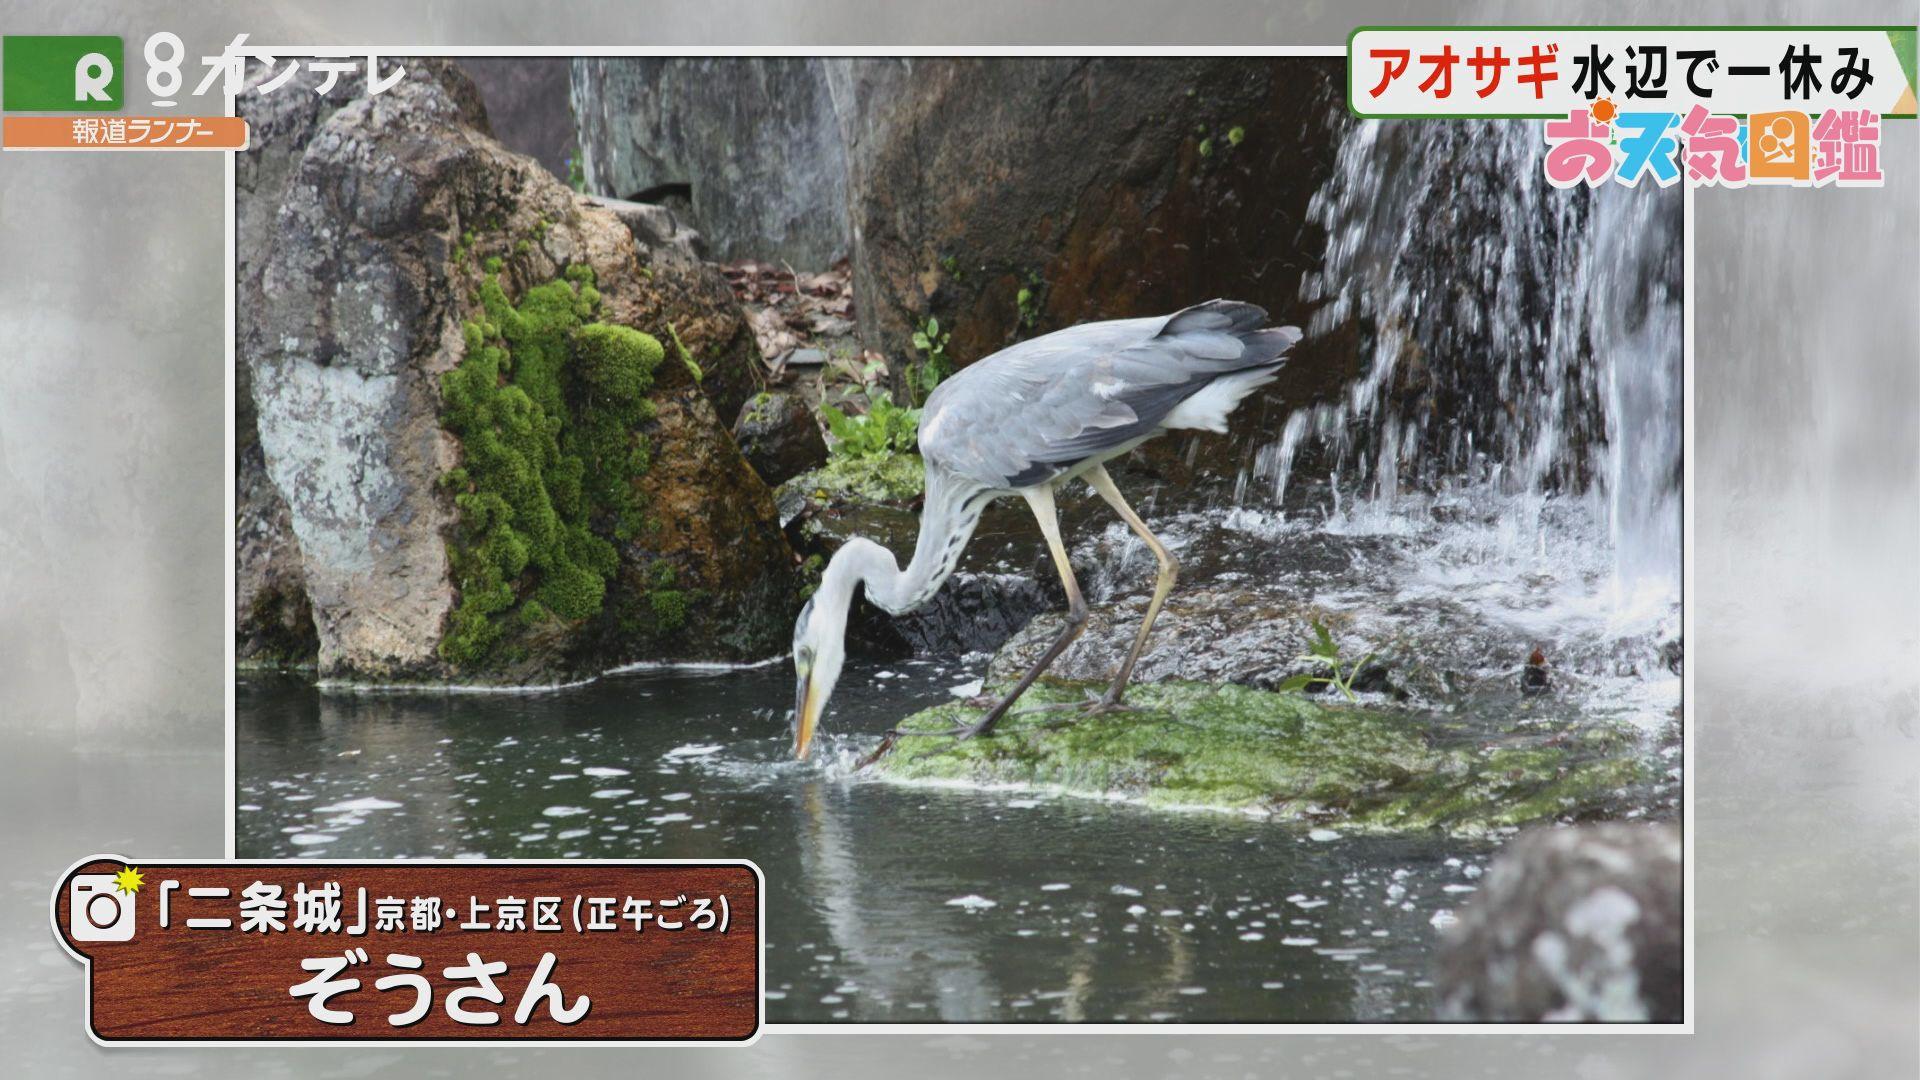 「二条城のアオサギ」(京都市)